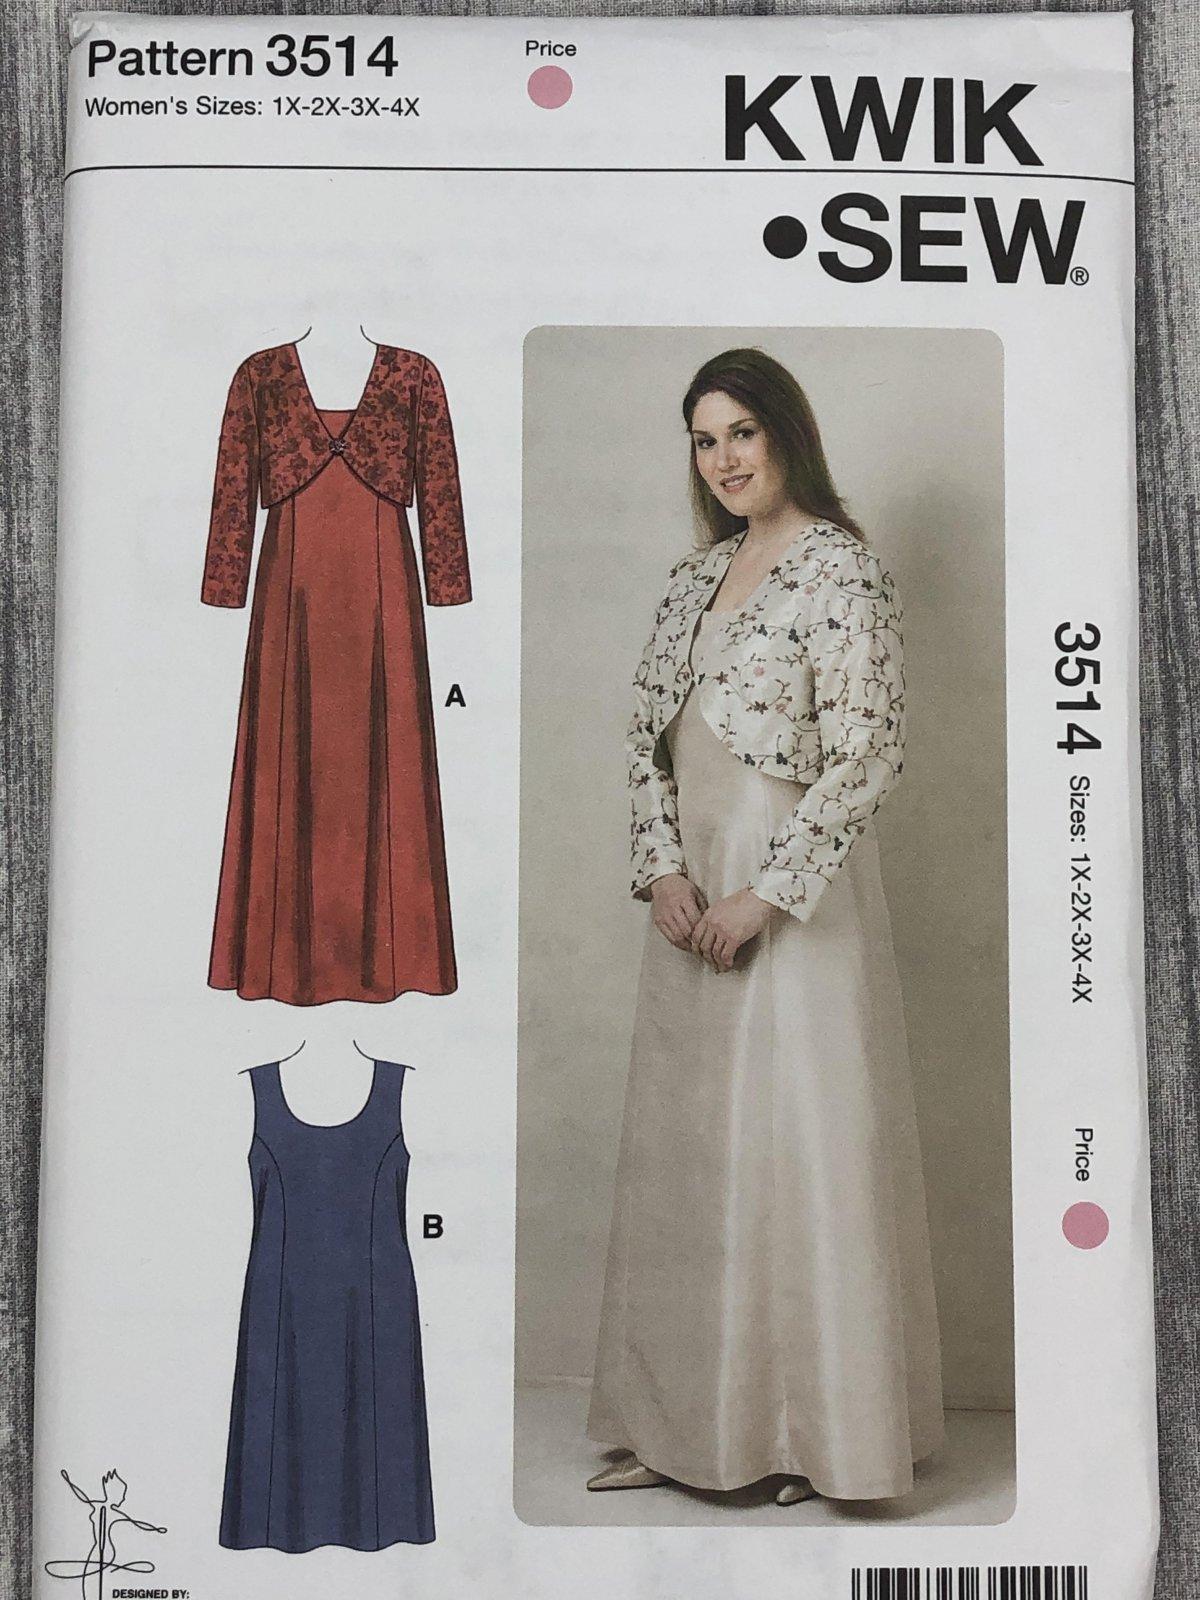 Kwik Sew 3514 Sizes 1X-4X